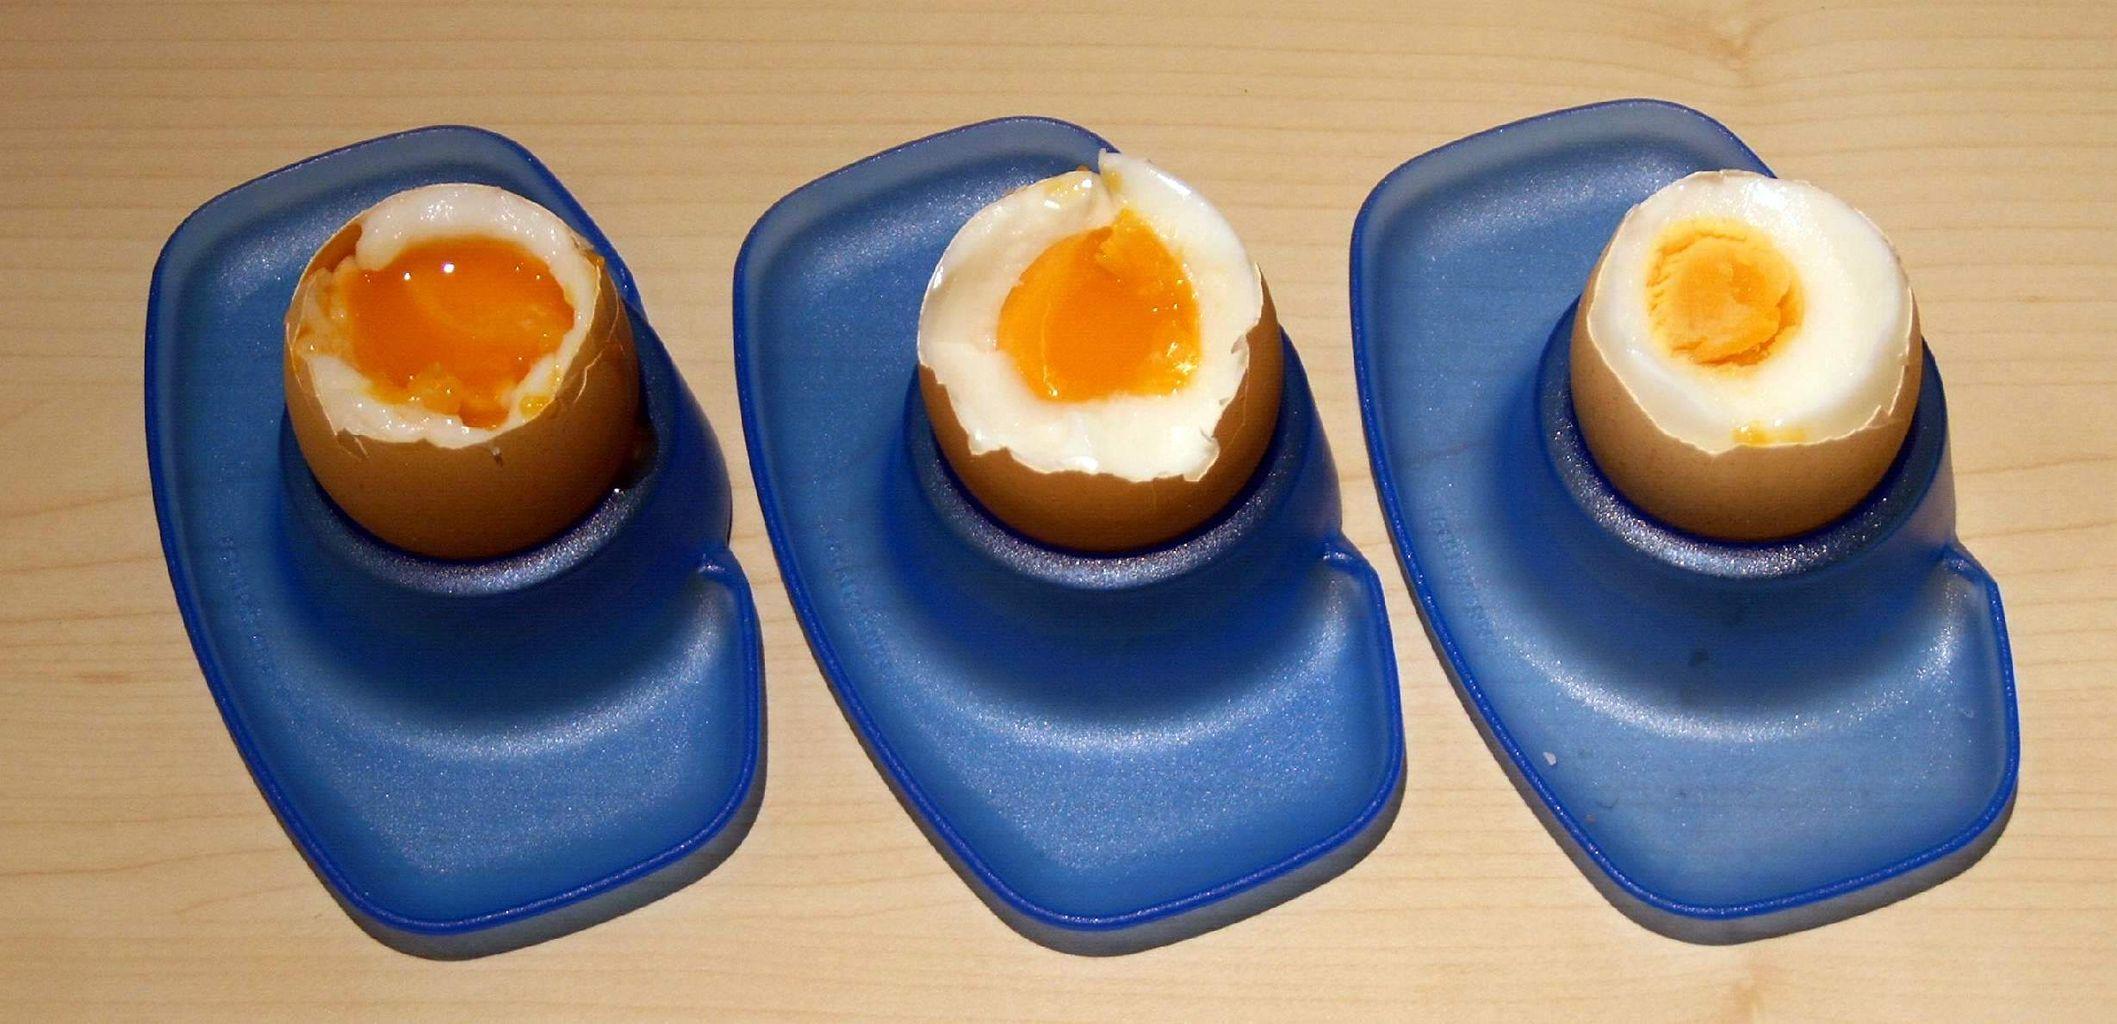 【料理】ゆで卵の殻をツルンとむく裏ワザを紹介!!!試してみようかな